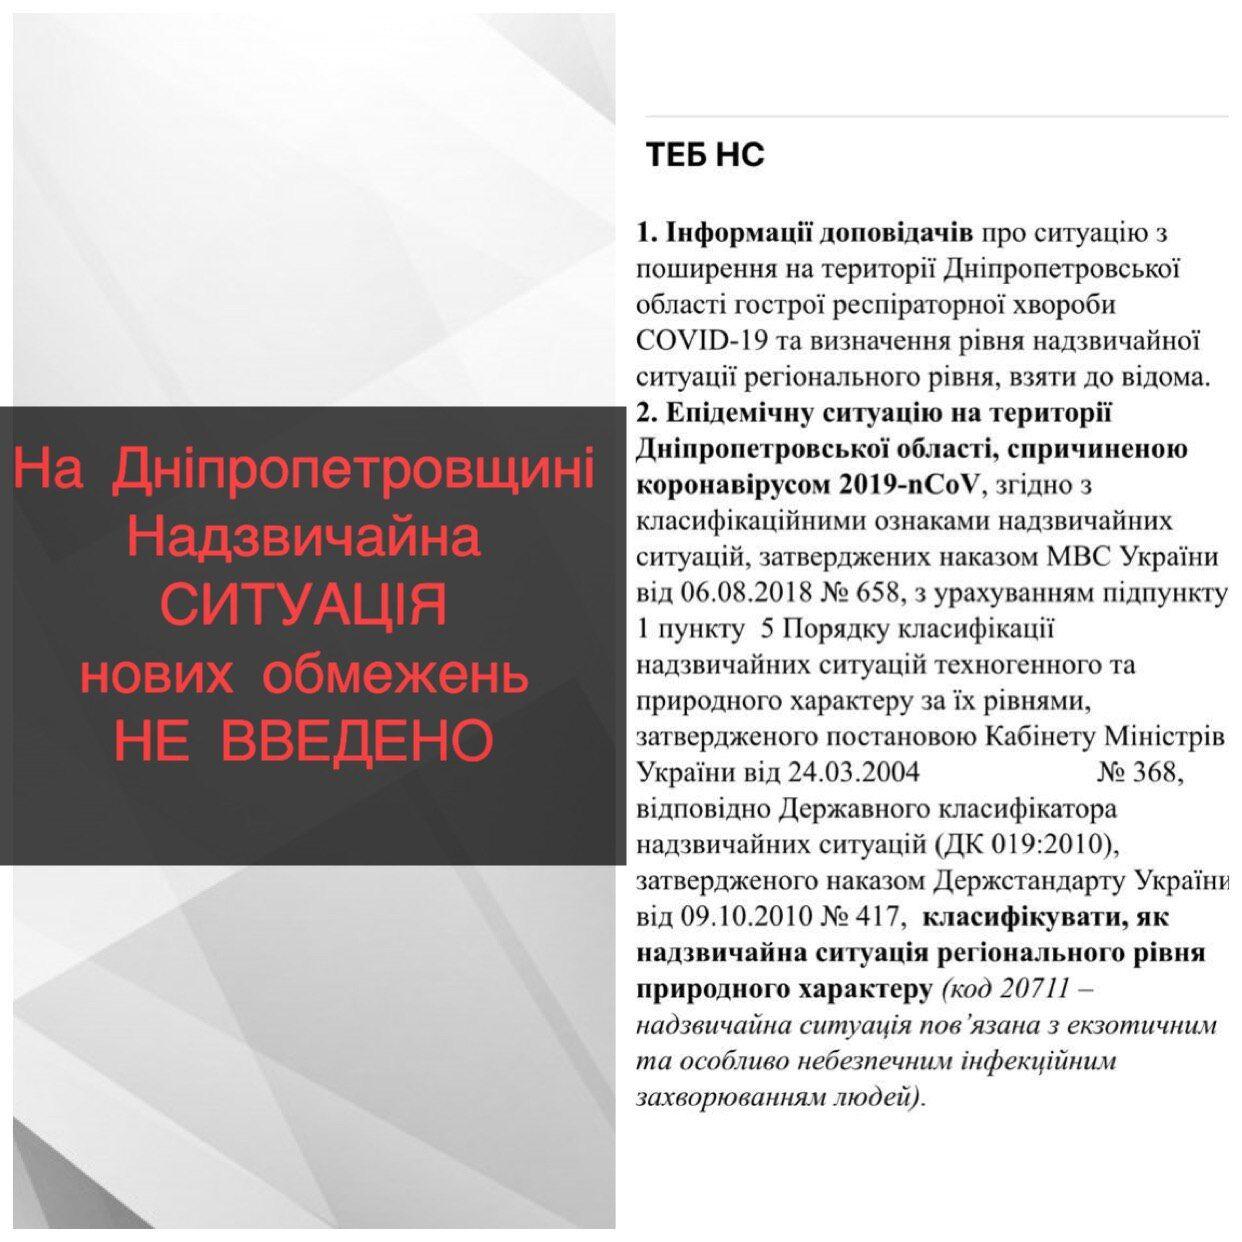 Чрезвычайная ситуация в Днепропетровской области